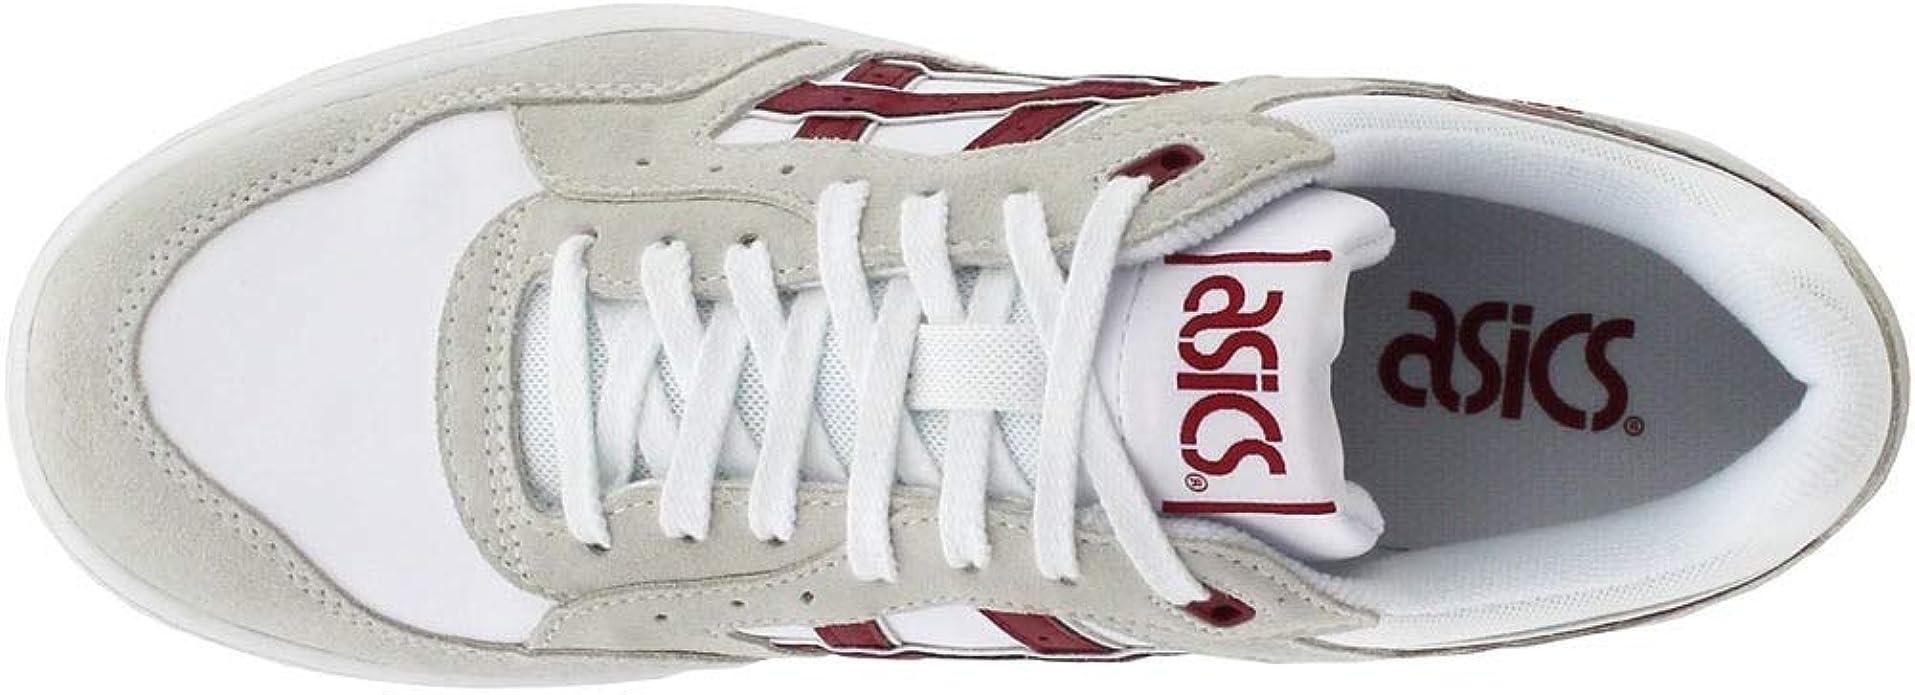 ASICS Gel-Circuit - Zapatillas de Running para Hombre, Blanco (Blanco), 36.5 EU: Amazon.es: Zapatos y complementos